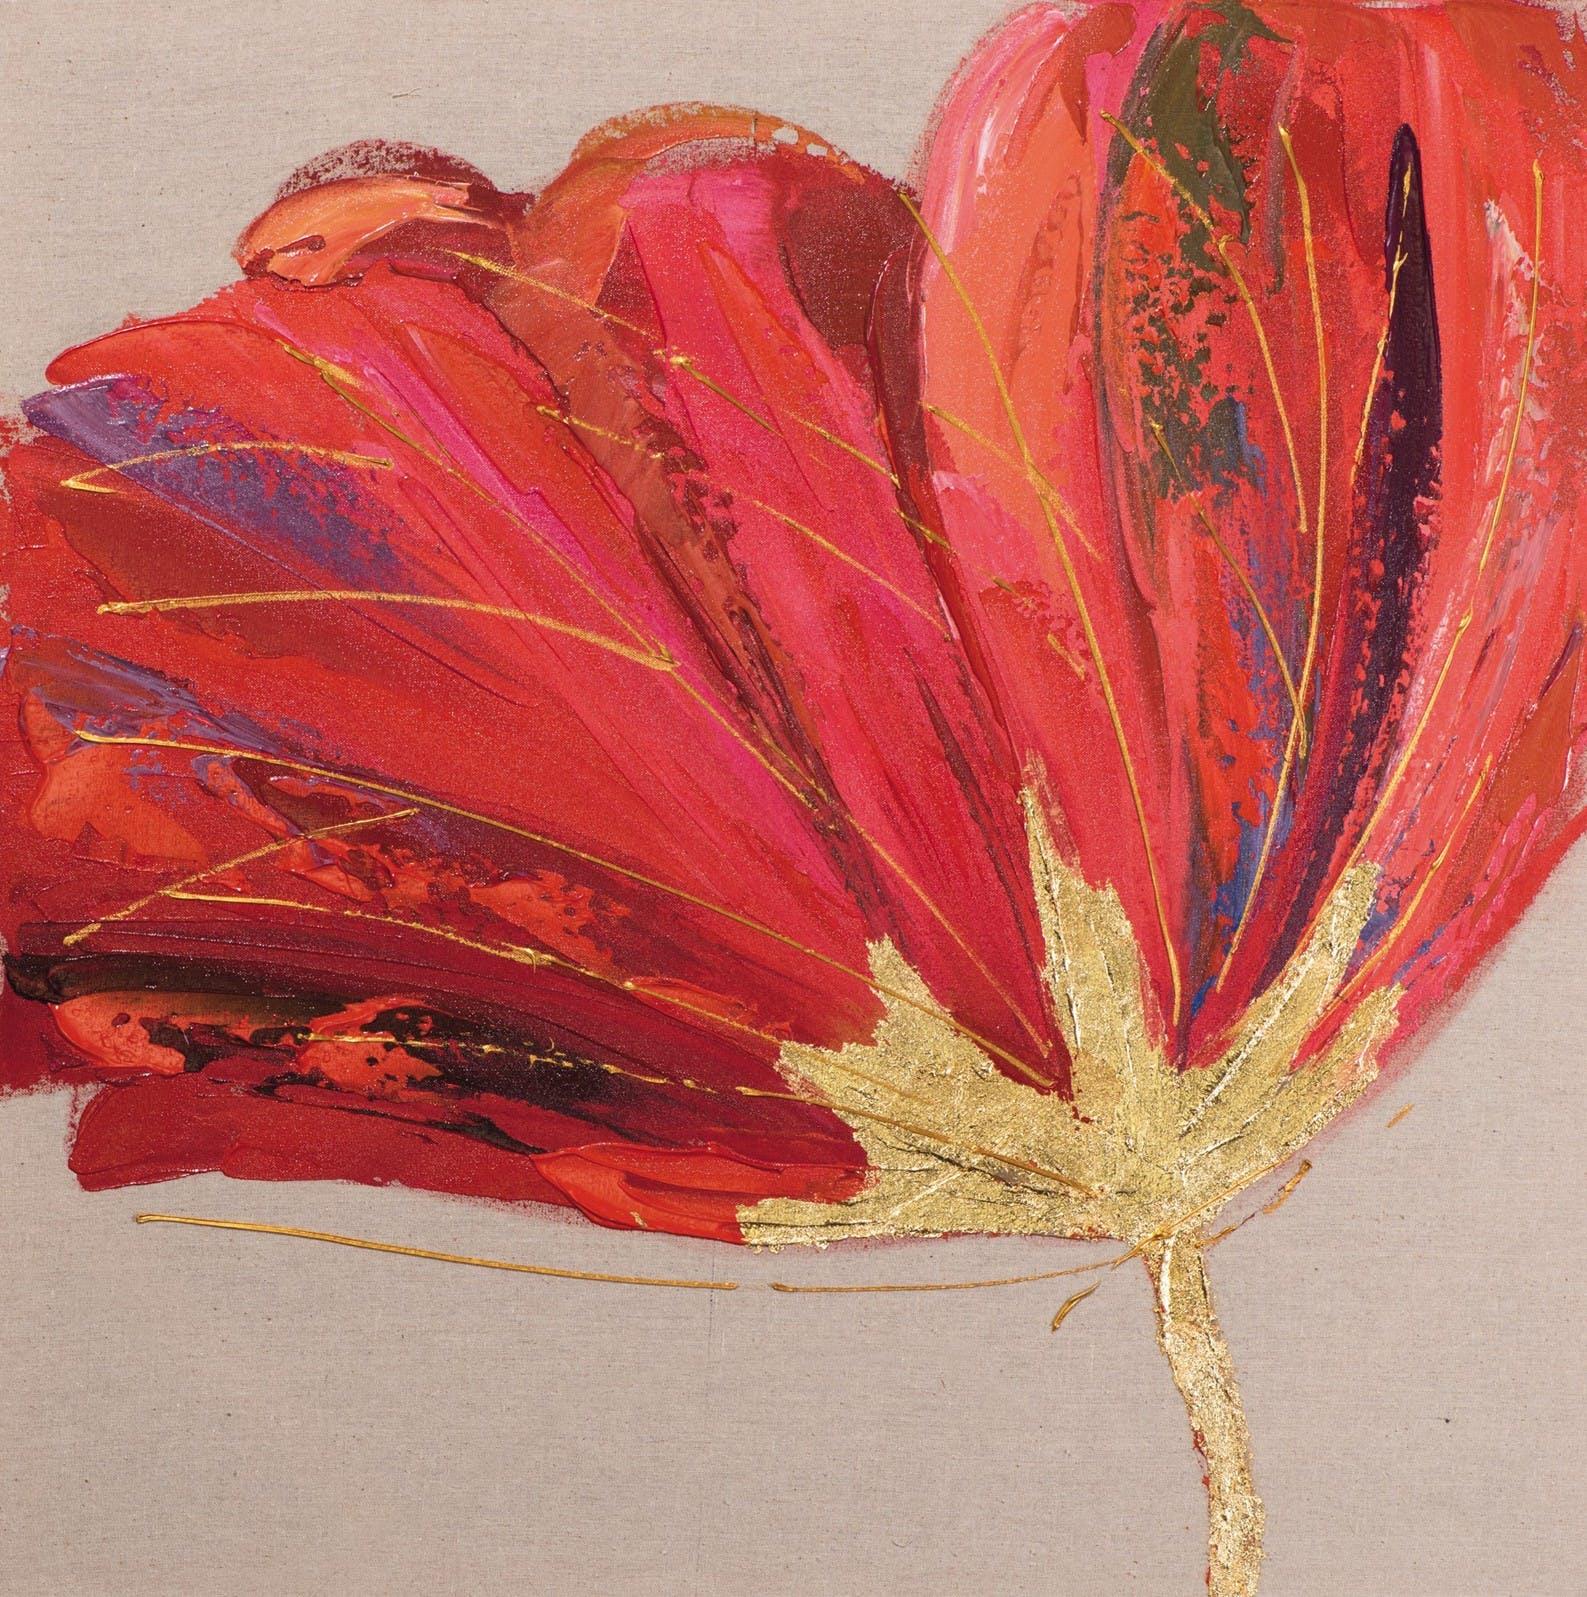 Tableau coquelicot 70x70 - peinture rouge et ajout d'éléments dorés